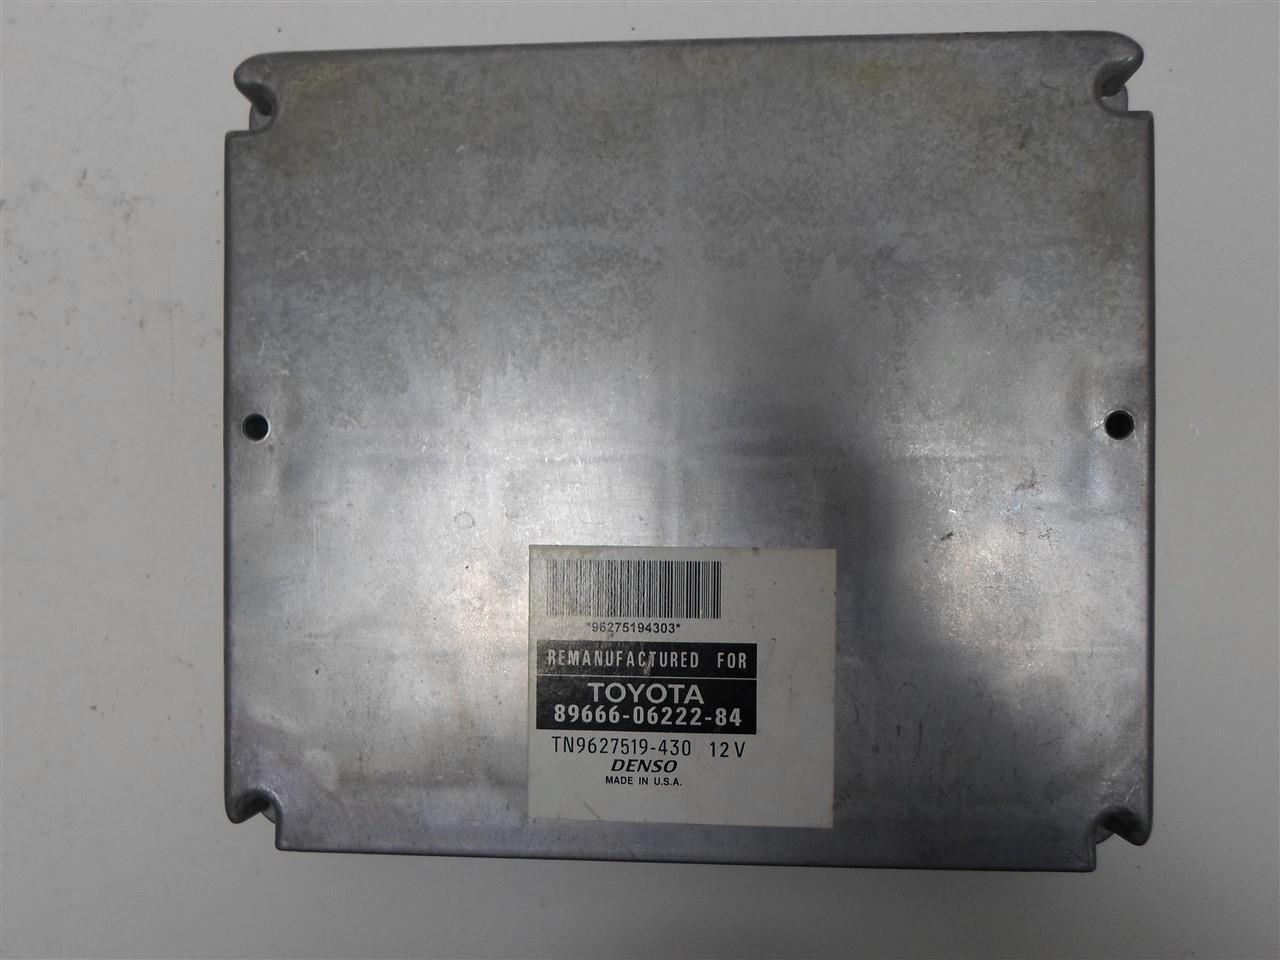 Details About Engine Computer Toyota Camry 2002 89666 06222 84 Pcm Ecm Ecu Oem